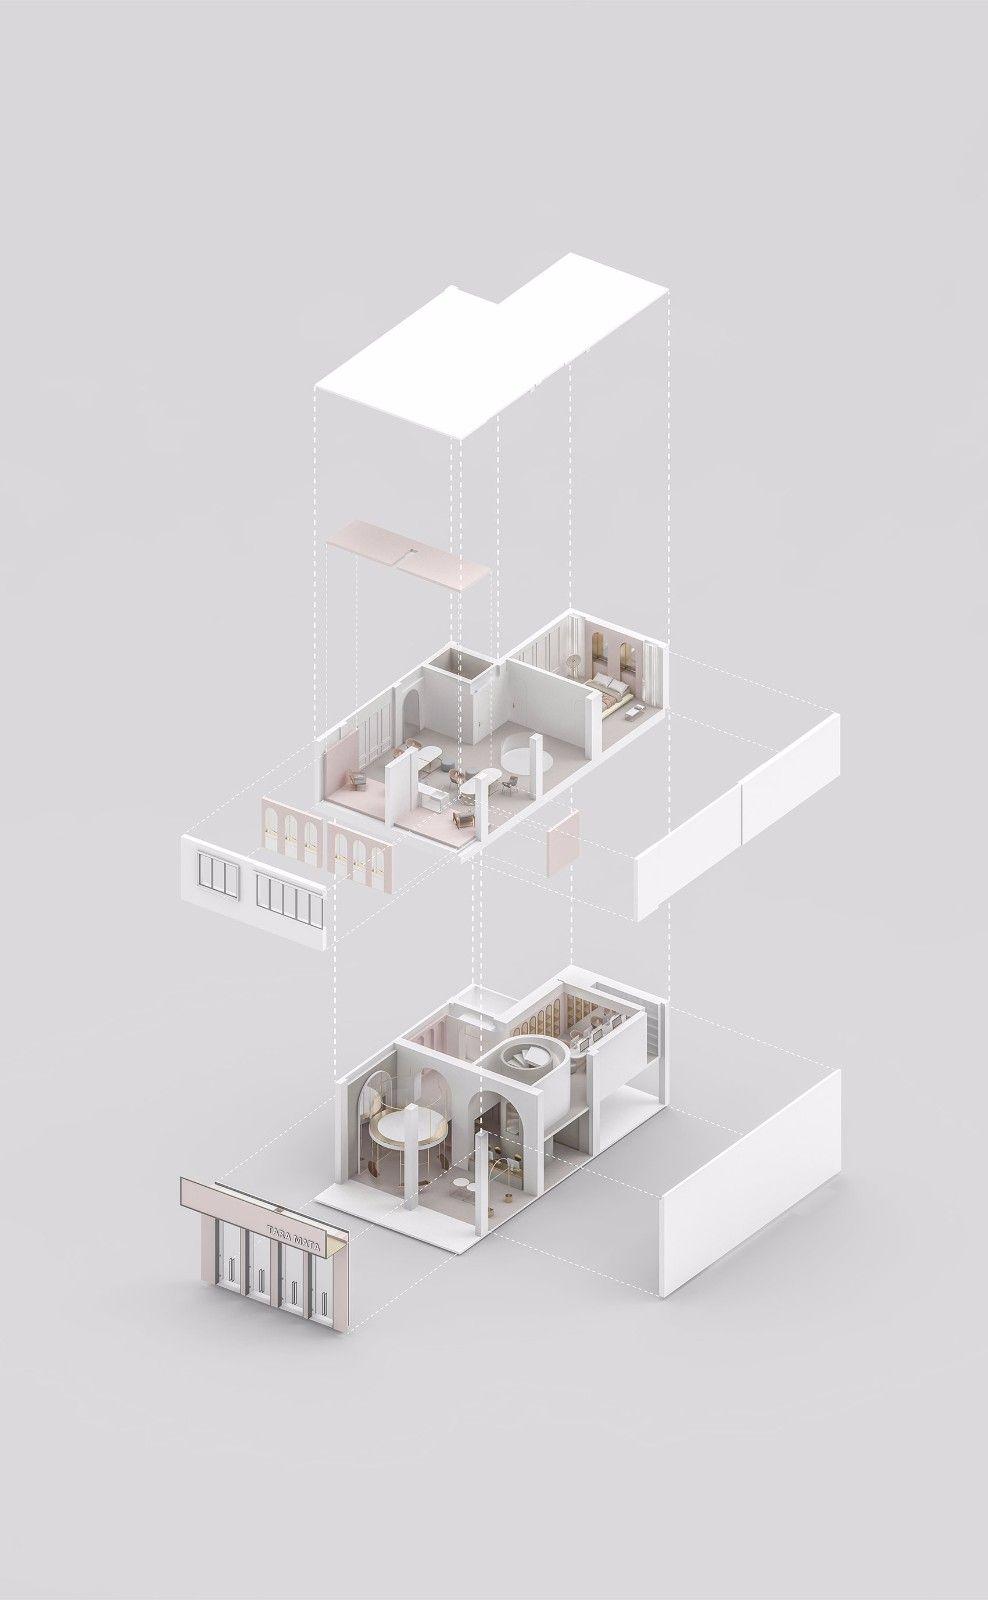 拱形下的无限空间,金华 TARA MATA 设计师买手店 加减智库设计工作室